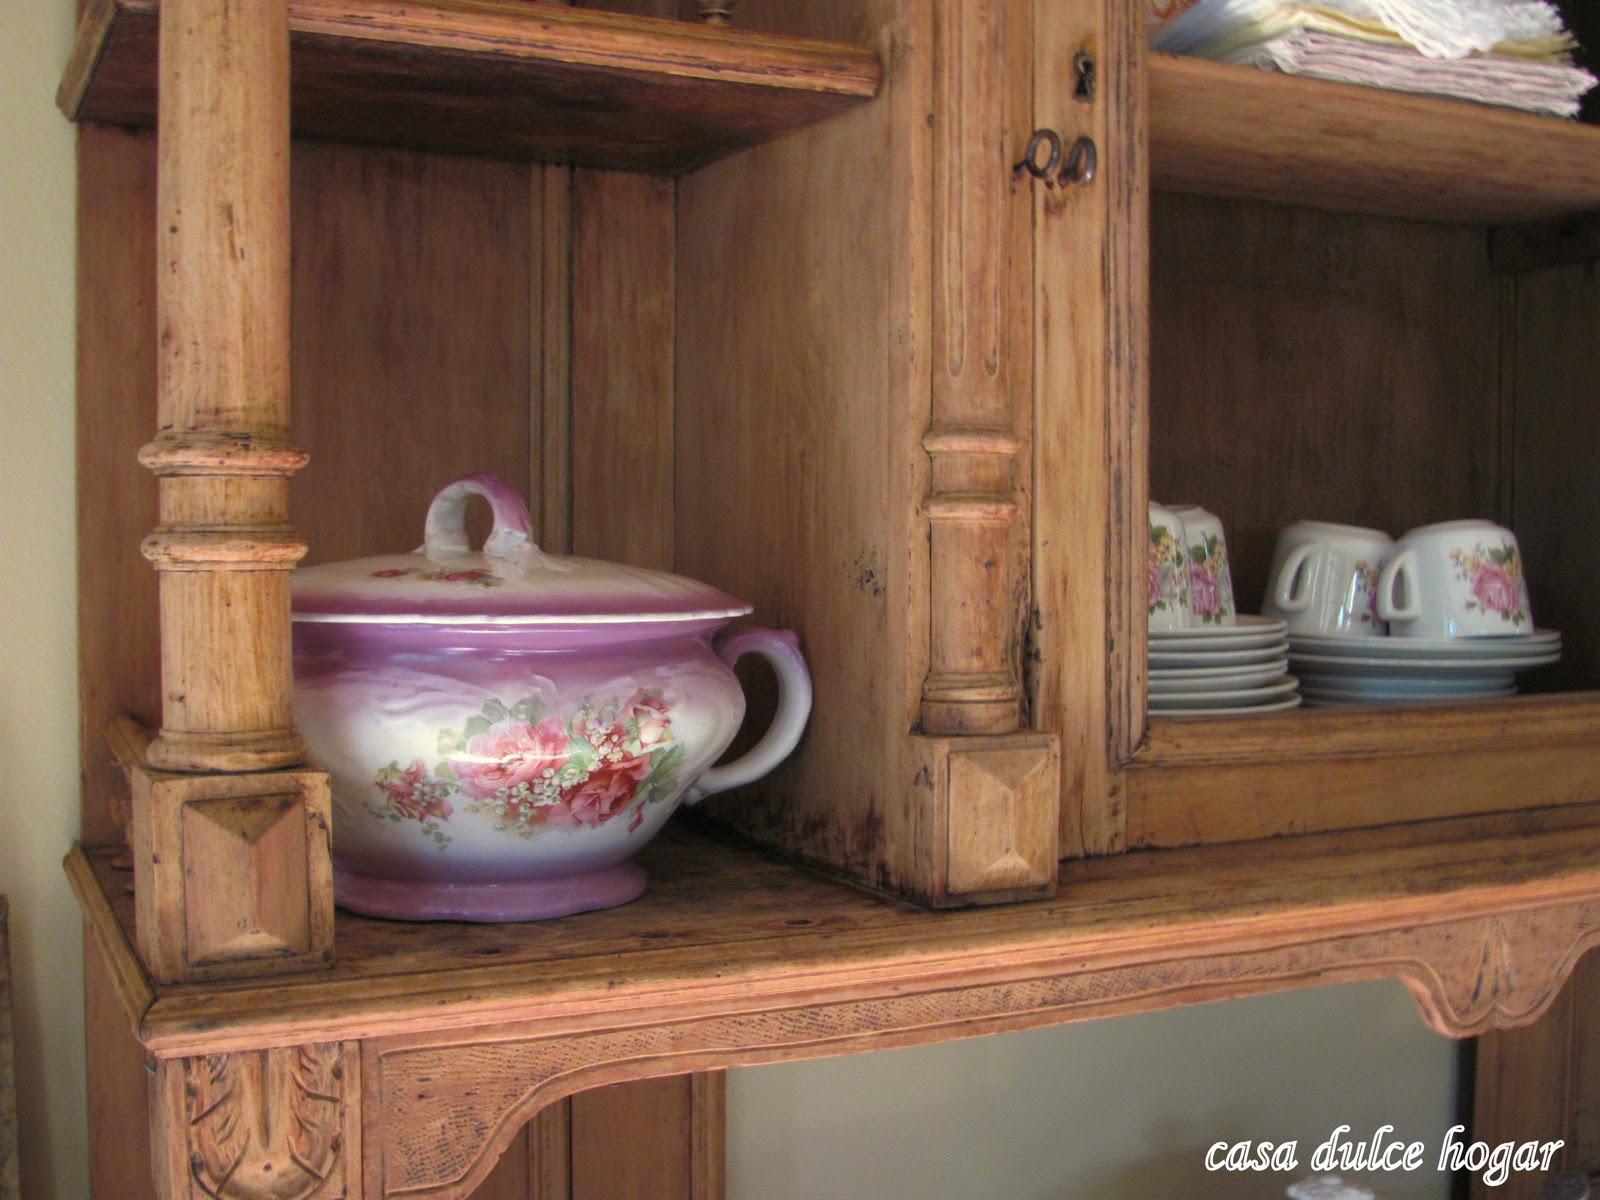 Casa dulce hogar antes y despu s de dos muebles antiguos for Muebles antiguos restaurados antes y despues